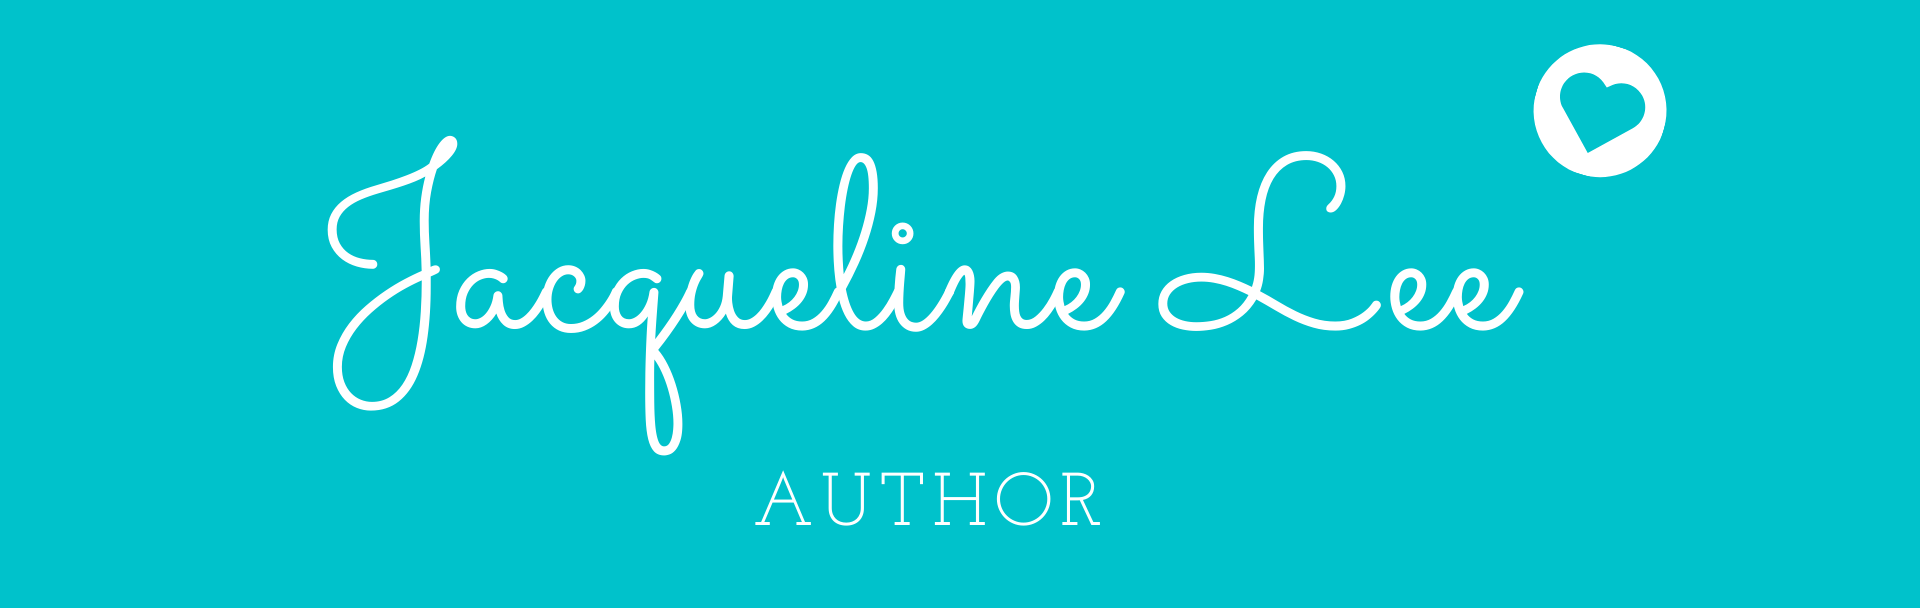 Jacqueline Lee author